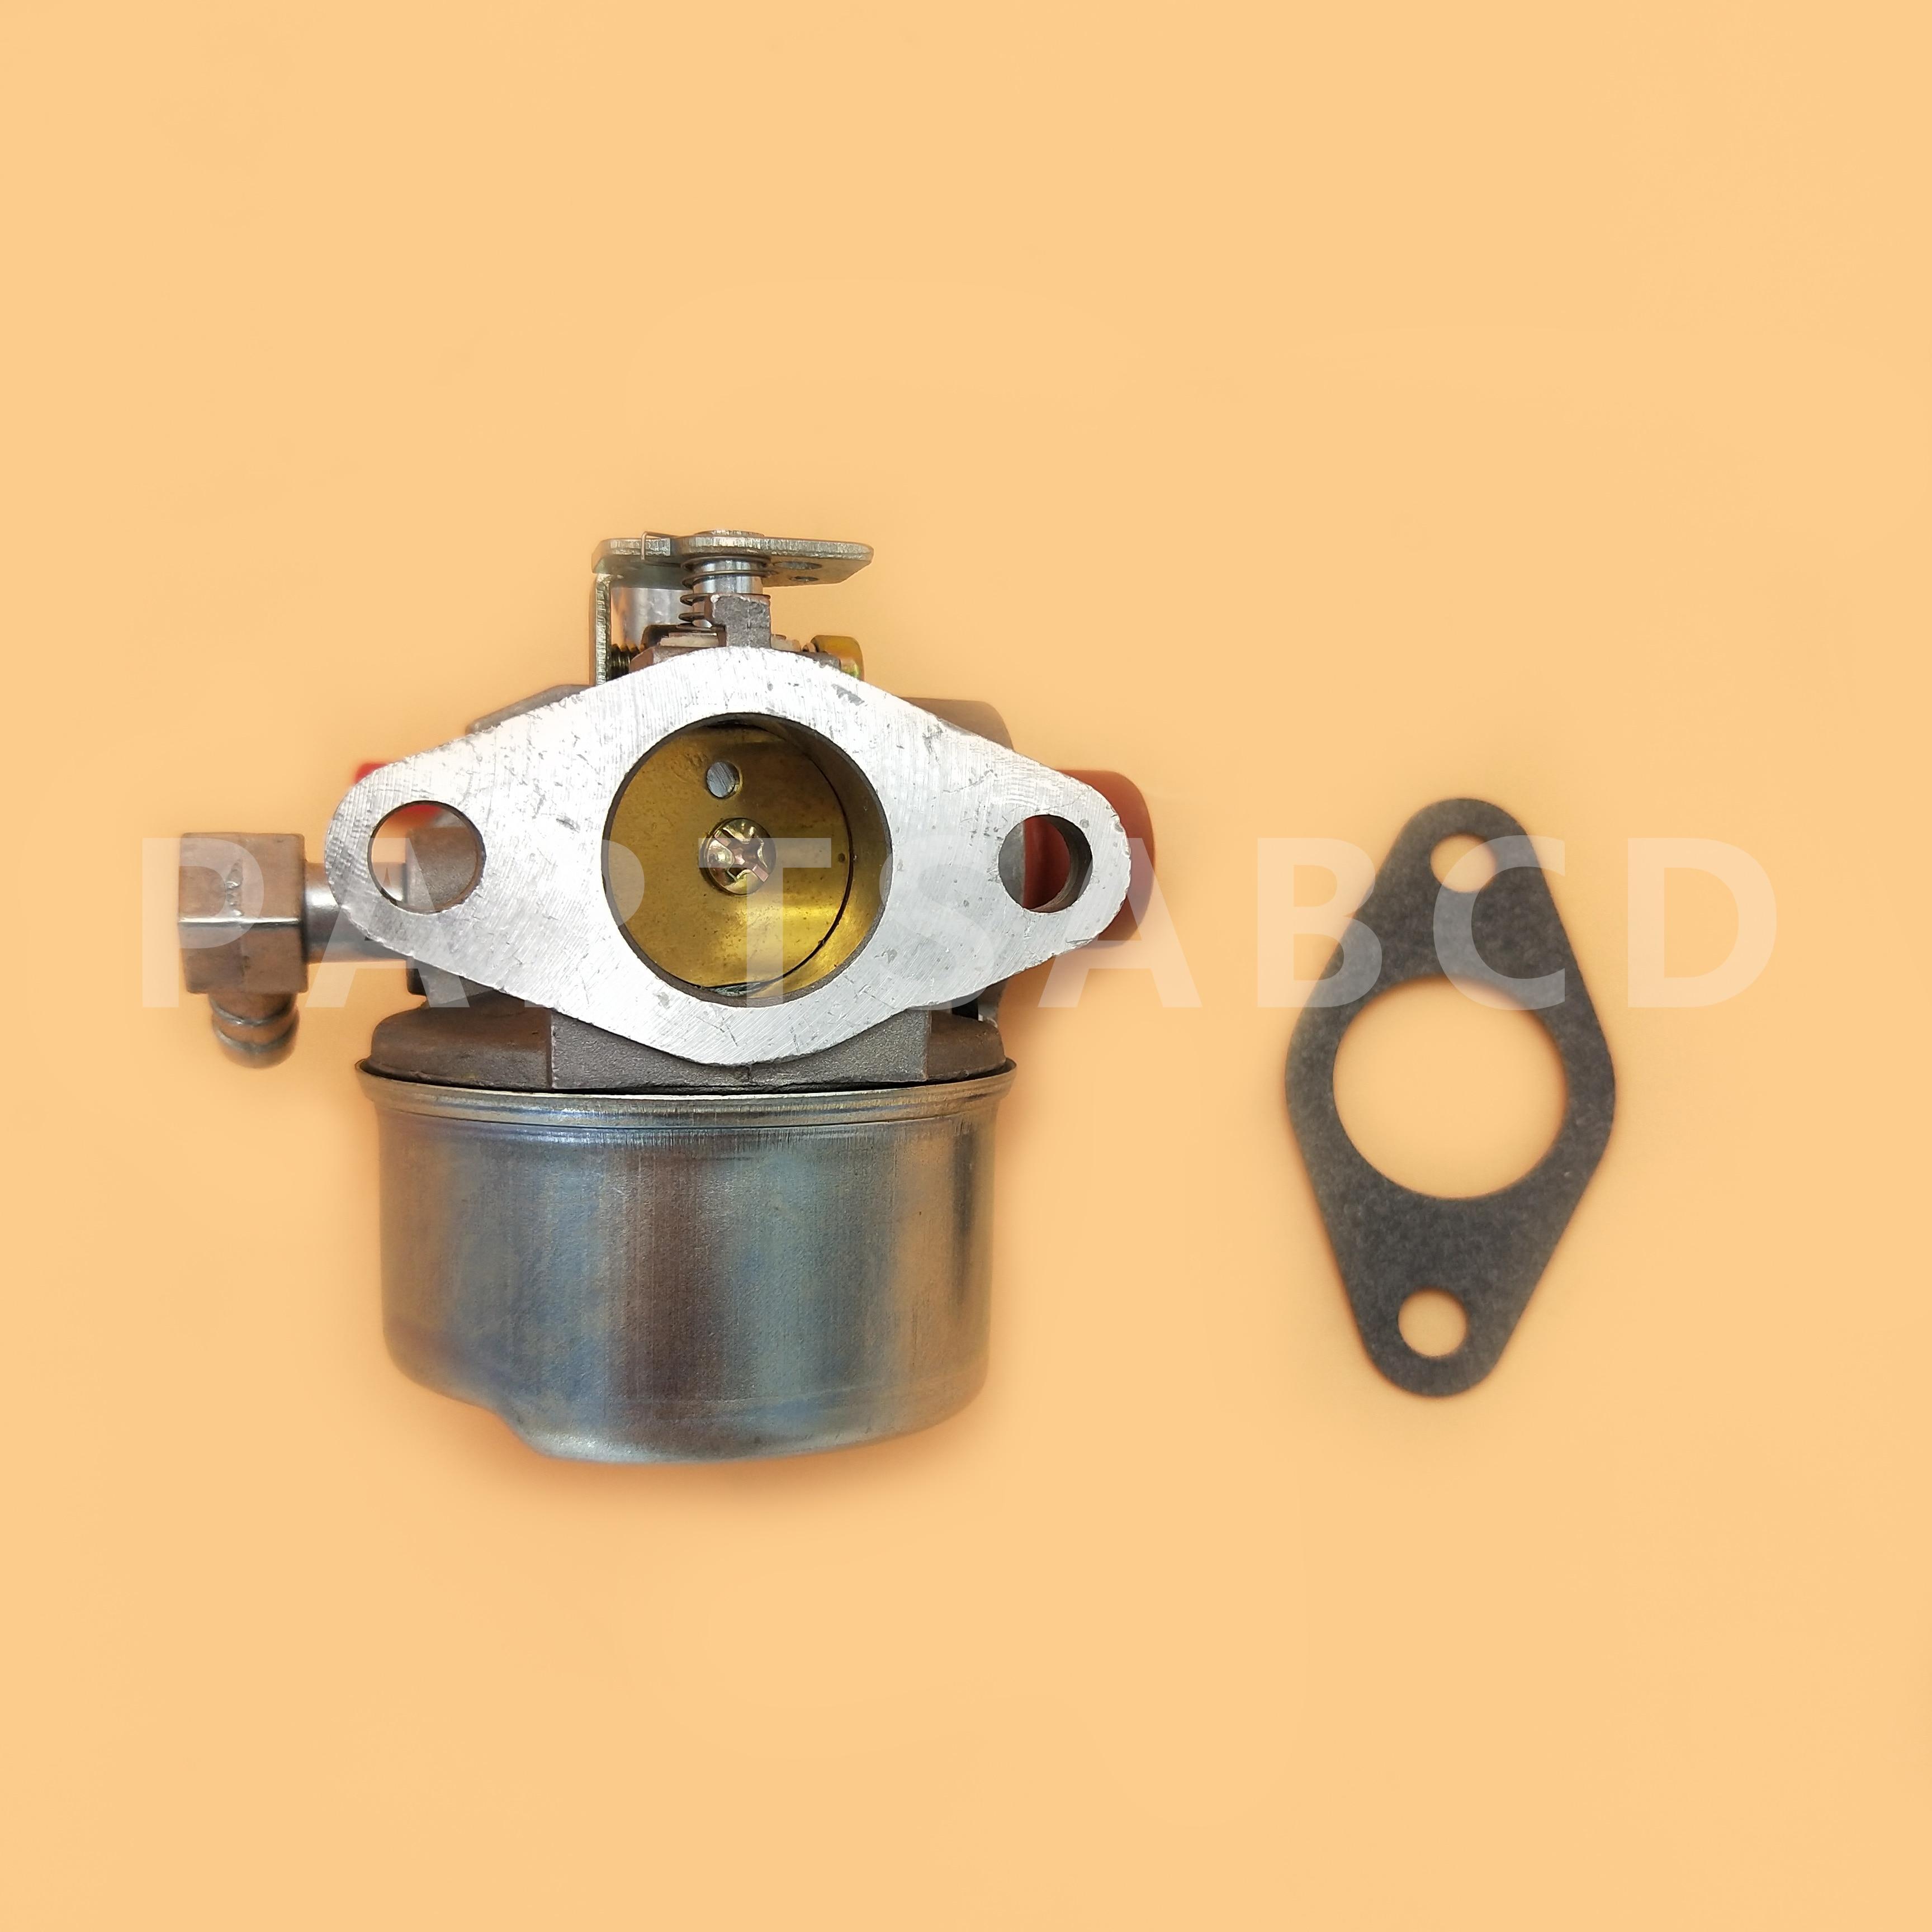 Carburetor Lawn Boy Silver Series 4.5 hp 10360 10360C 10361 10362 10367 26-79